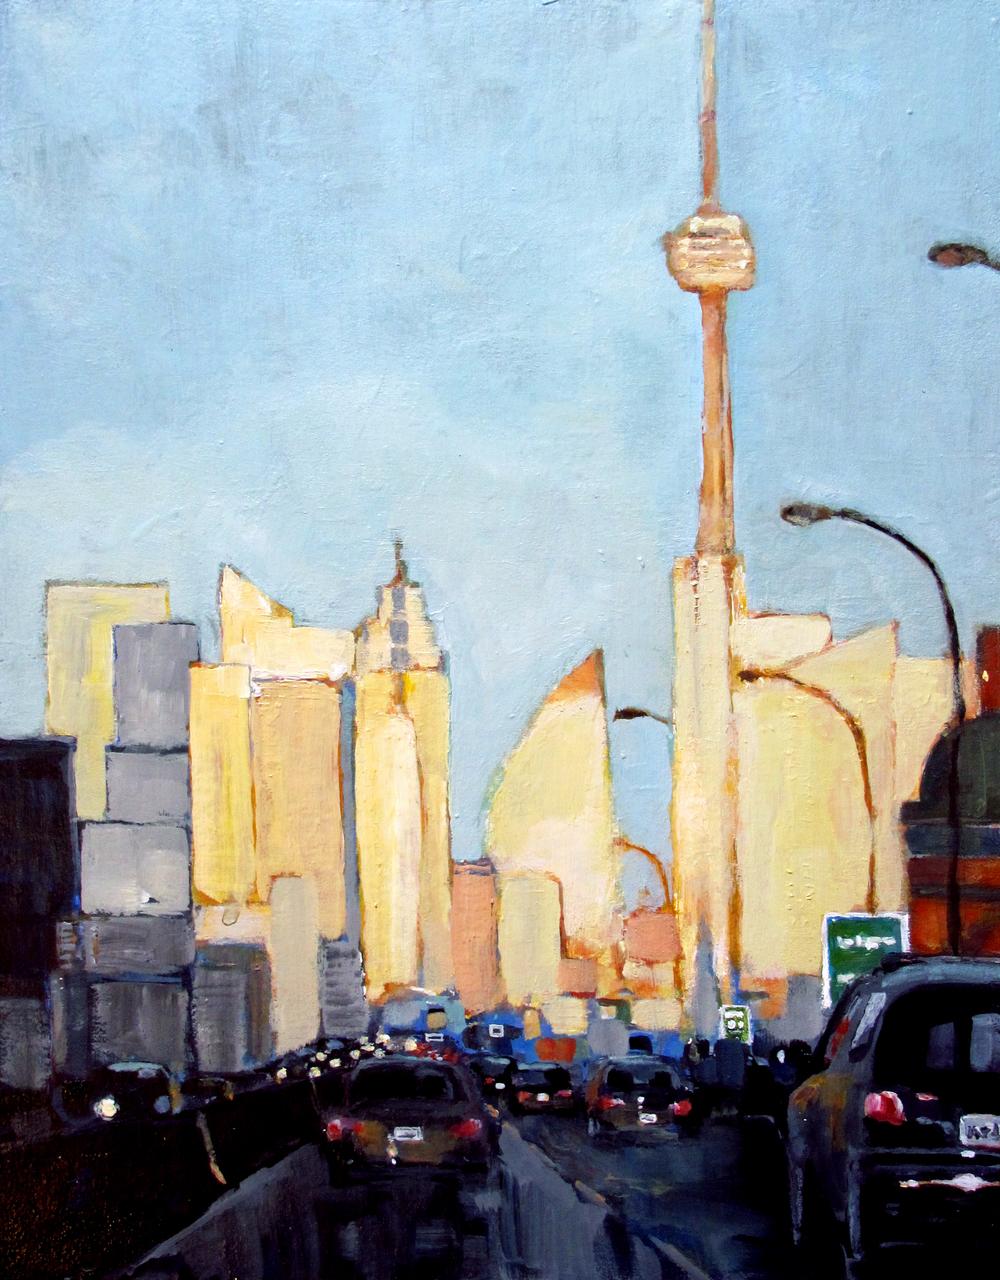 Toronto before sunset